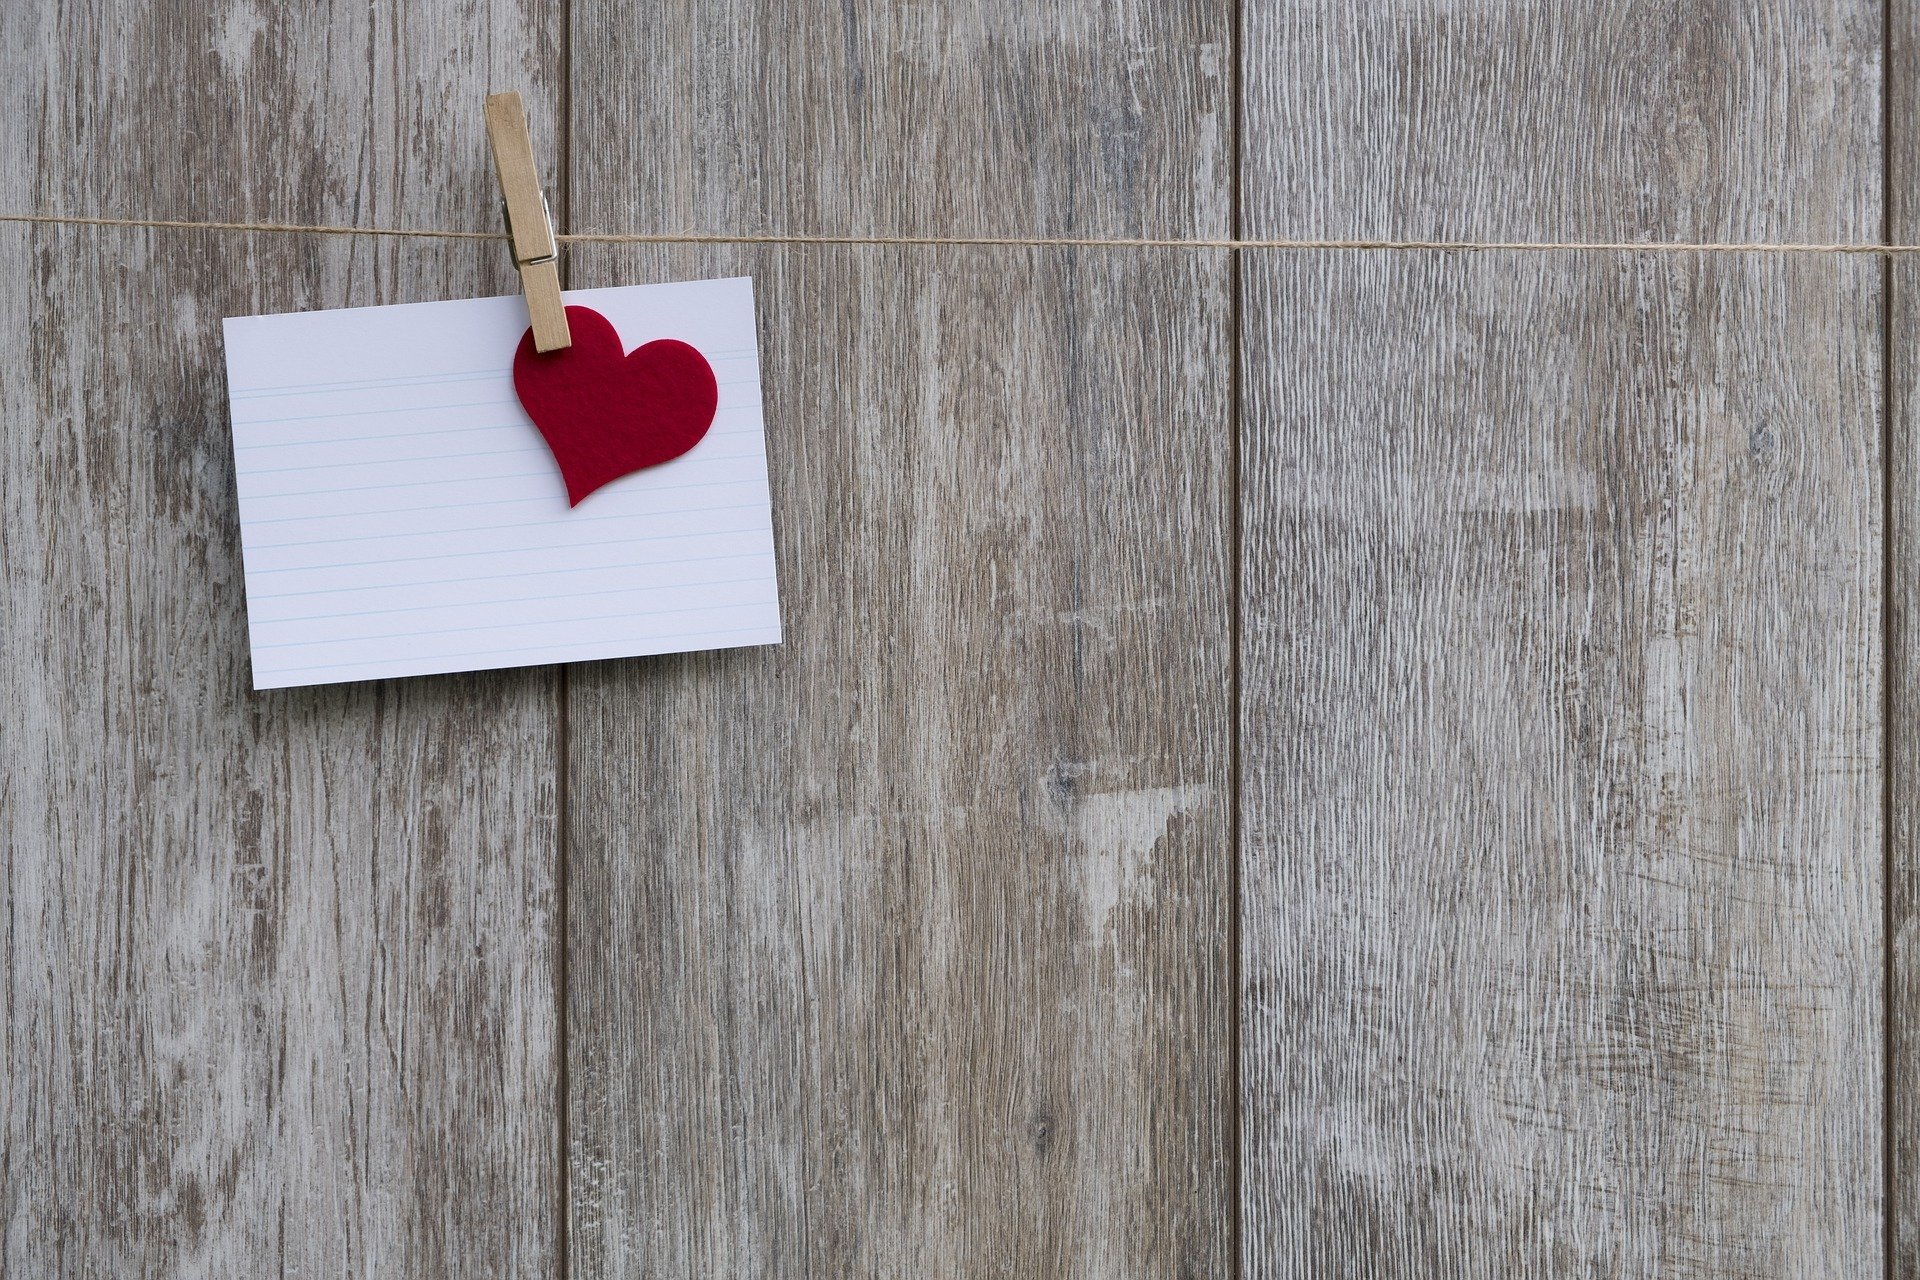 piosenki na walentynki dla dzieci 14 lutego imieniny Walentego